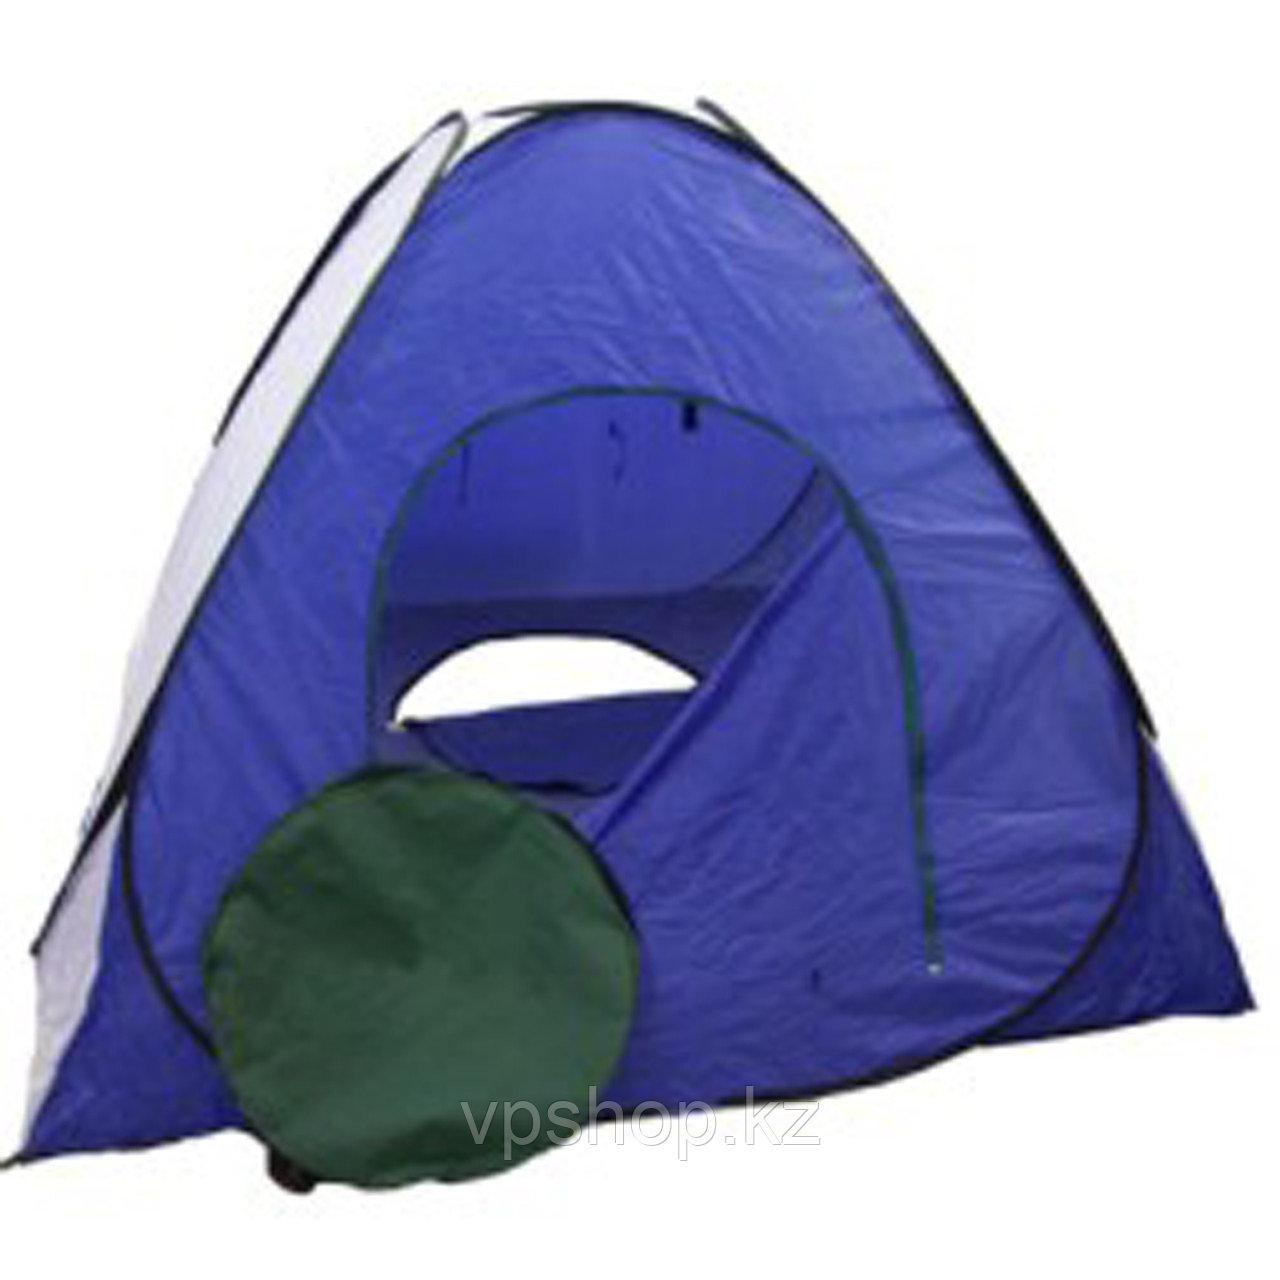 Палатка зимняя автомат дно на молнии 2,3x2,3, доставка